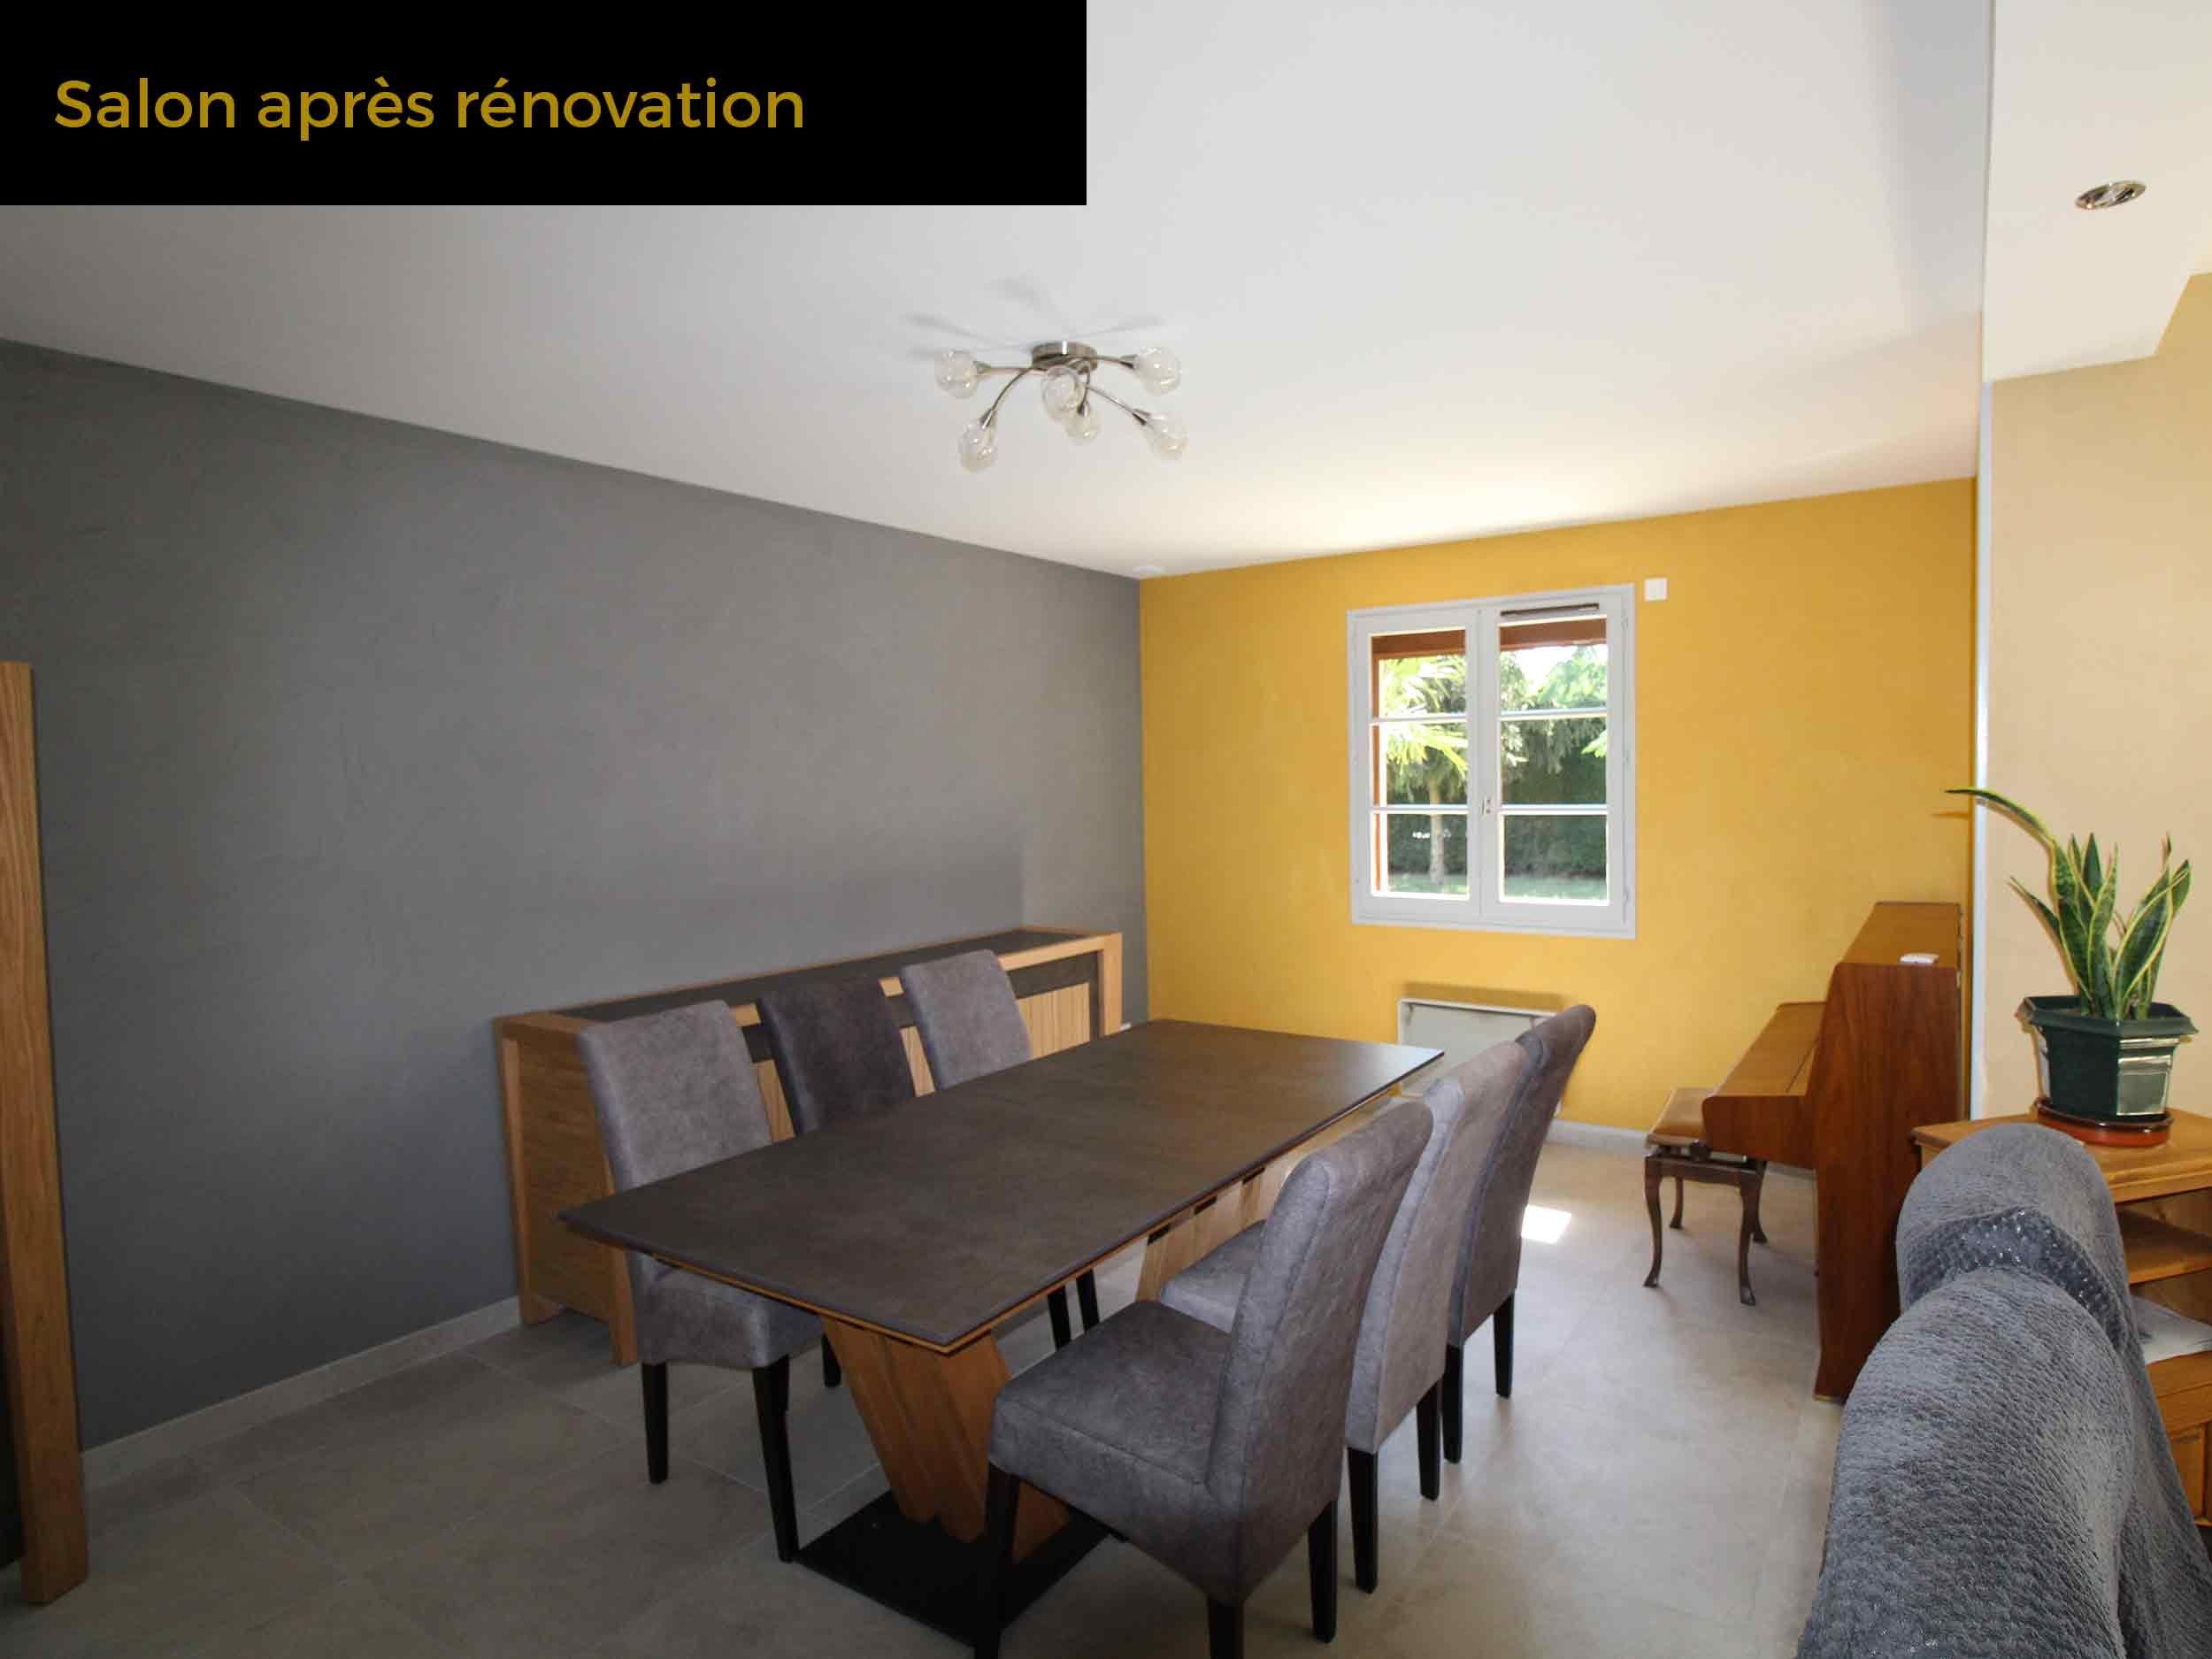 3-salon-apres-renovation-chazay-dazergues